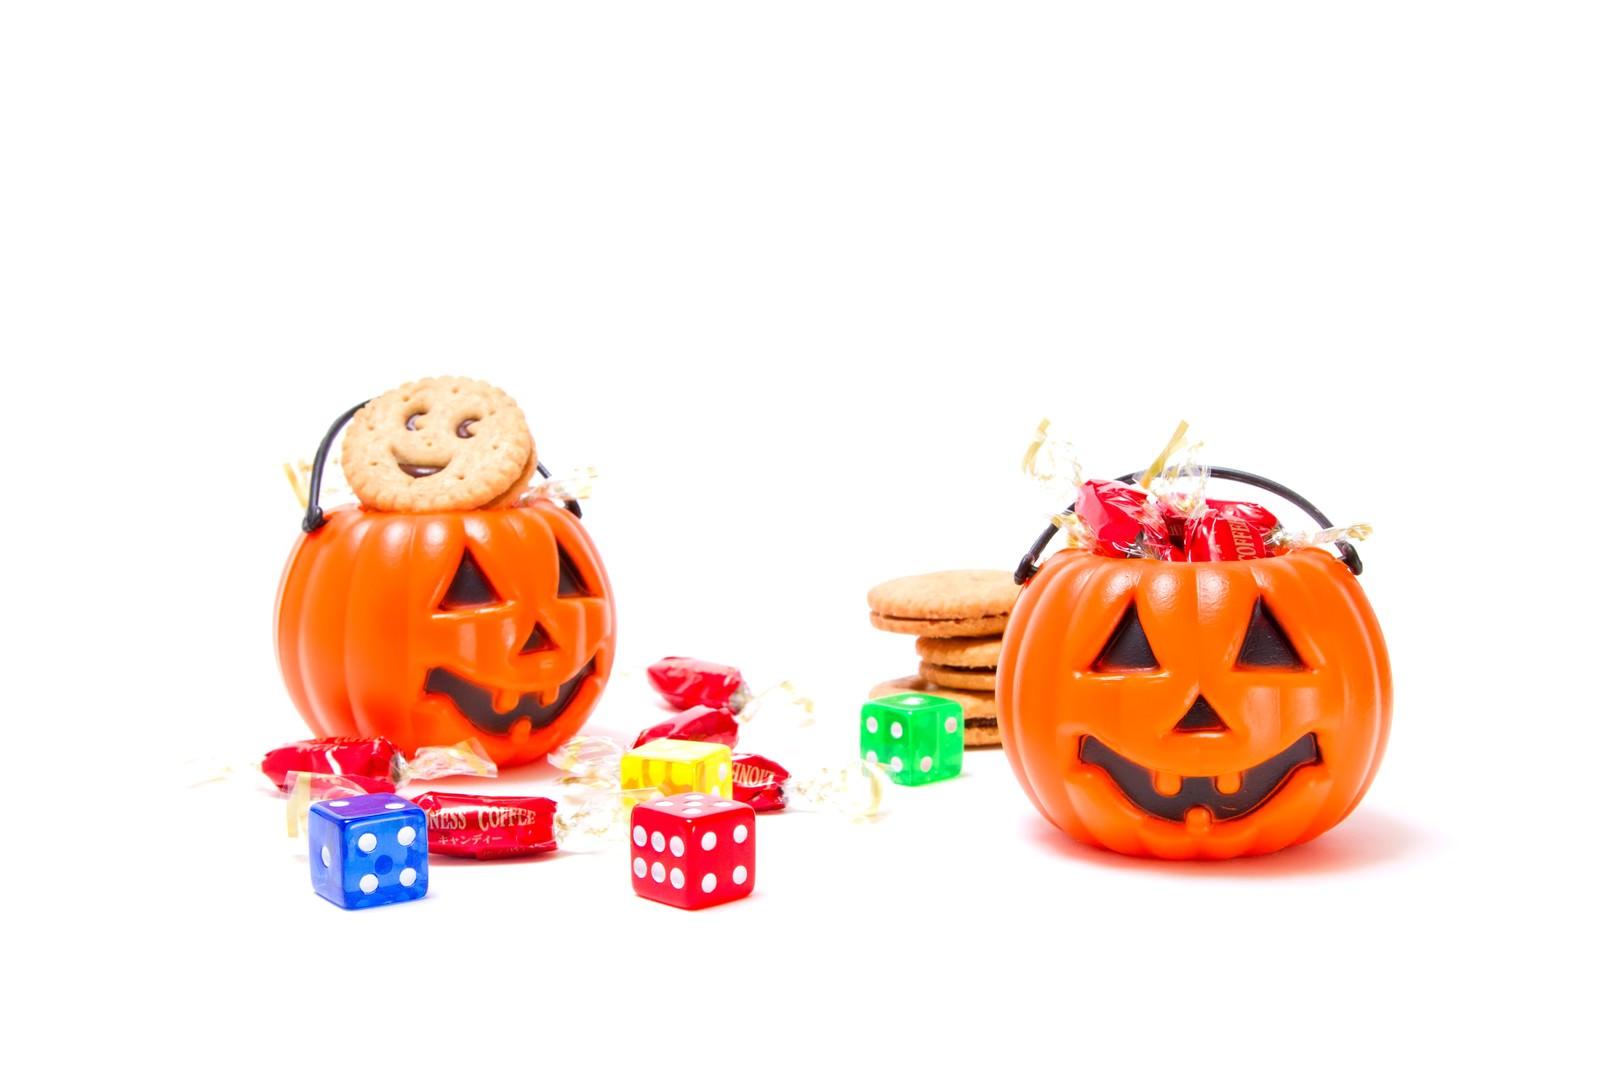 「サイコロと飴が入ったかぼちゃ」の写真